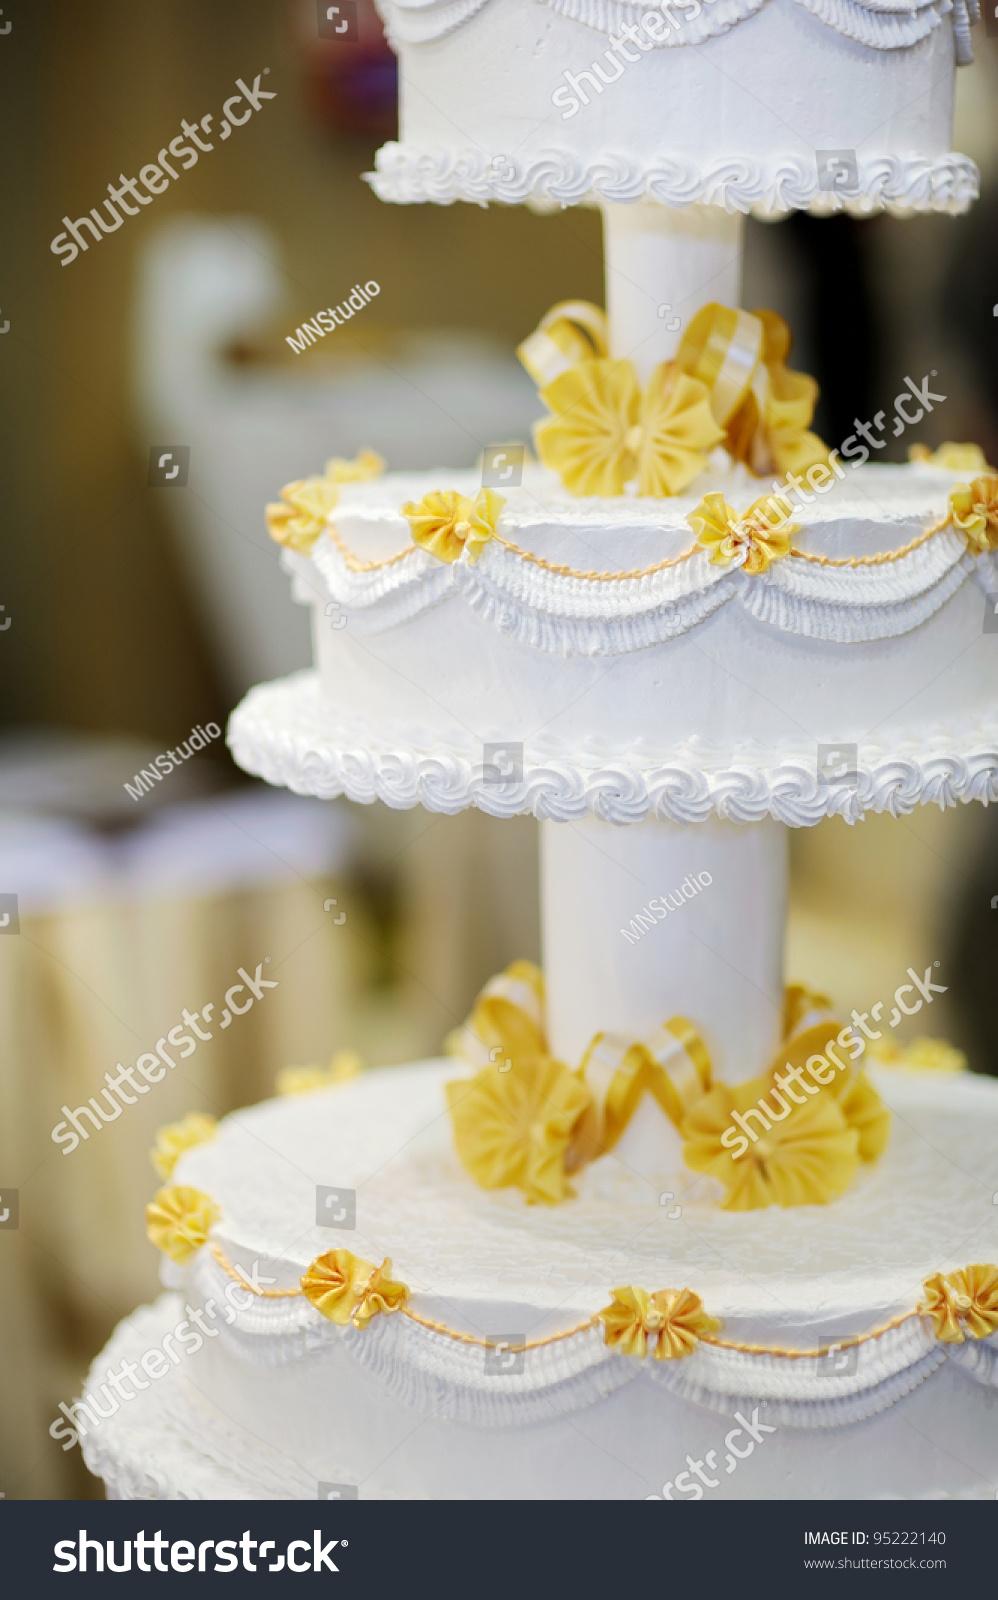 Delicious White Yellow Wedding Cake Stock Photo (Royalty Free ...